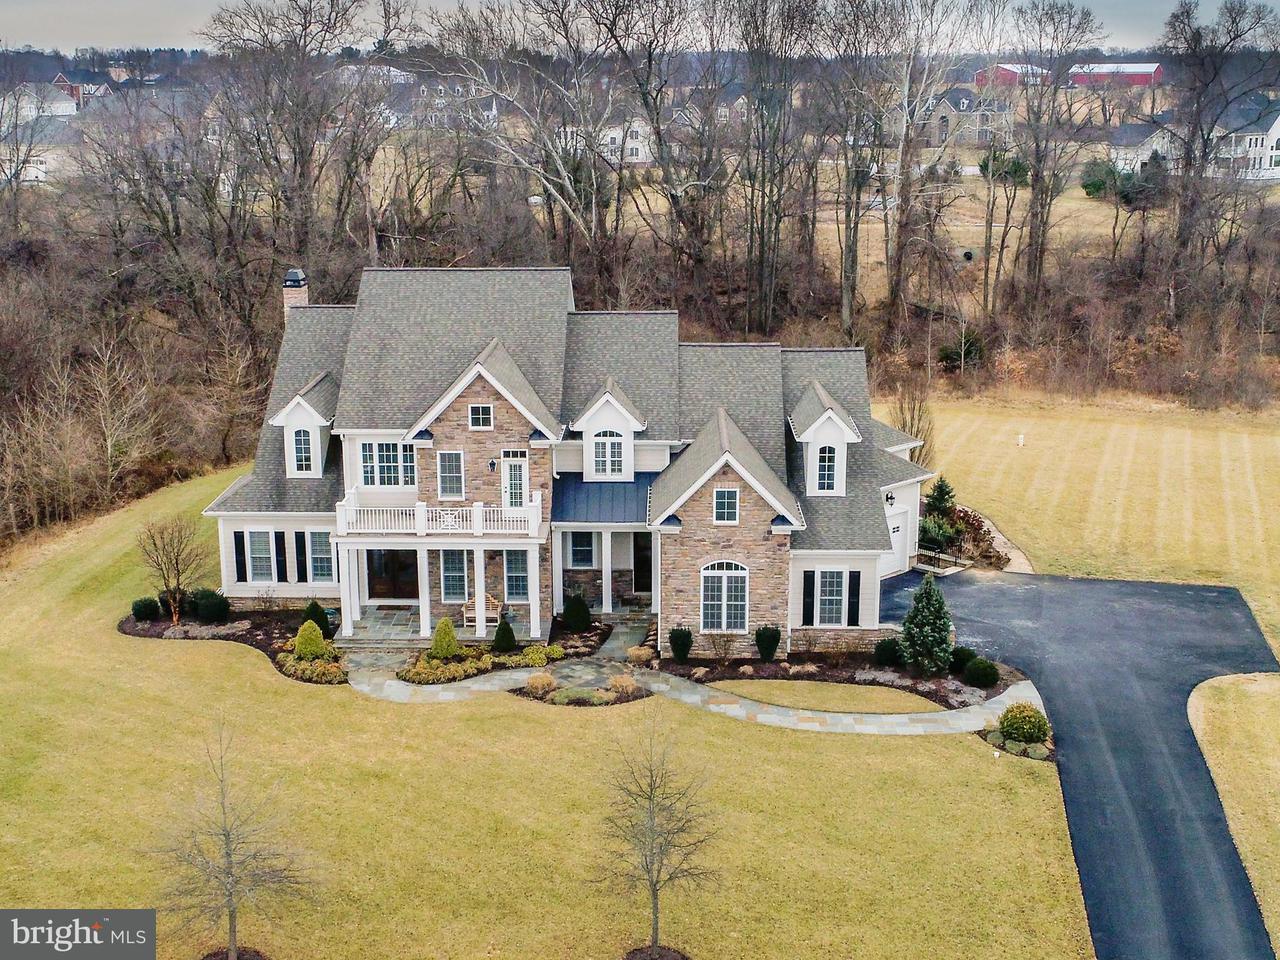 단독 가정 주택 용 매매 에 12431 Watkins Brg 12431 Watkins Brg Clarksville, 메릴랜드 21029 미국